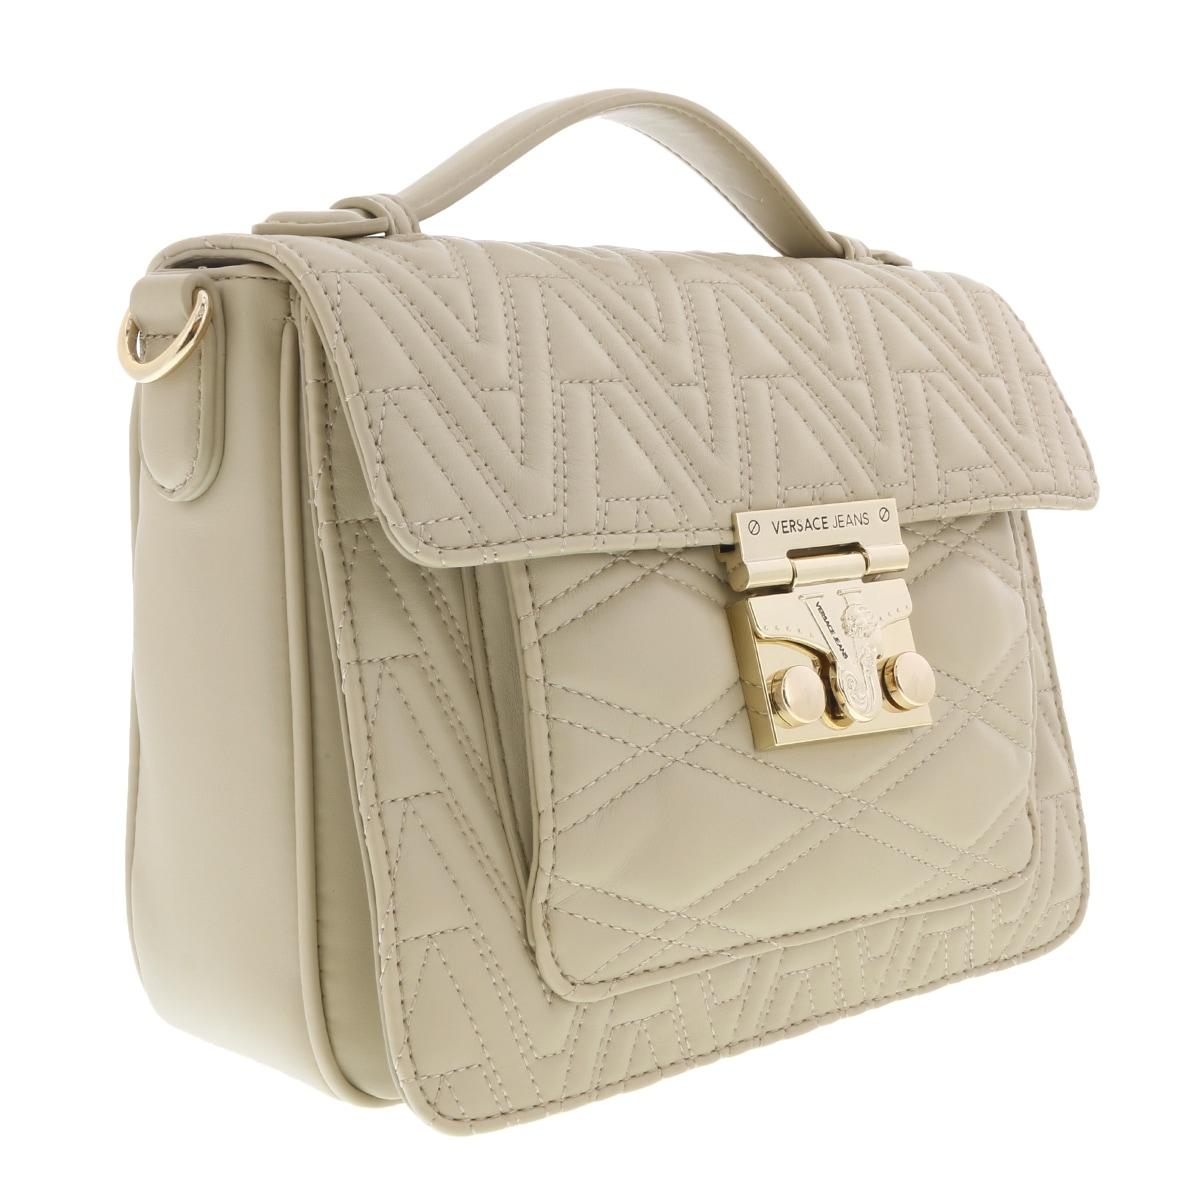 5d650cb2086b Versace Handbags